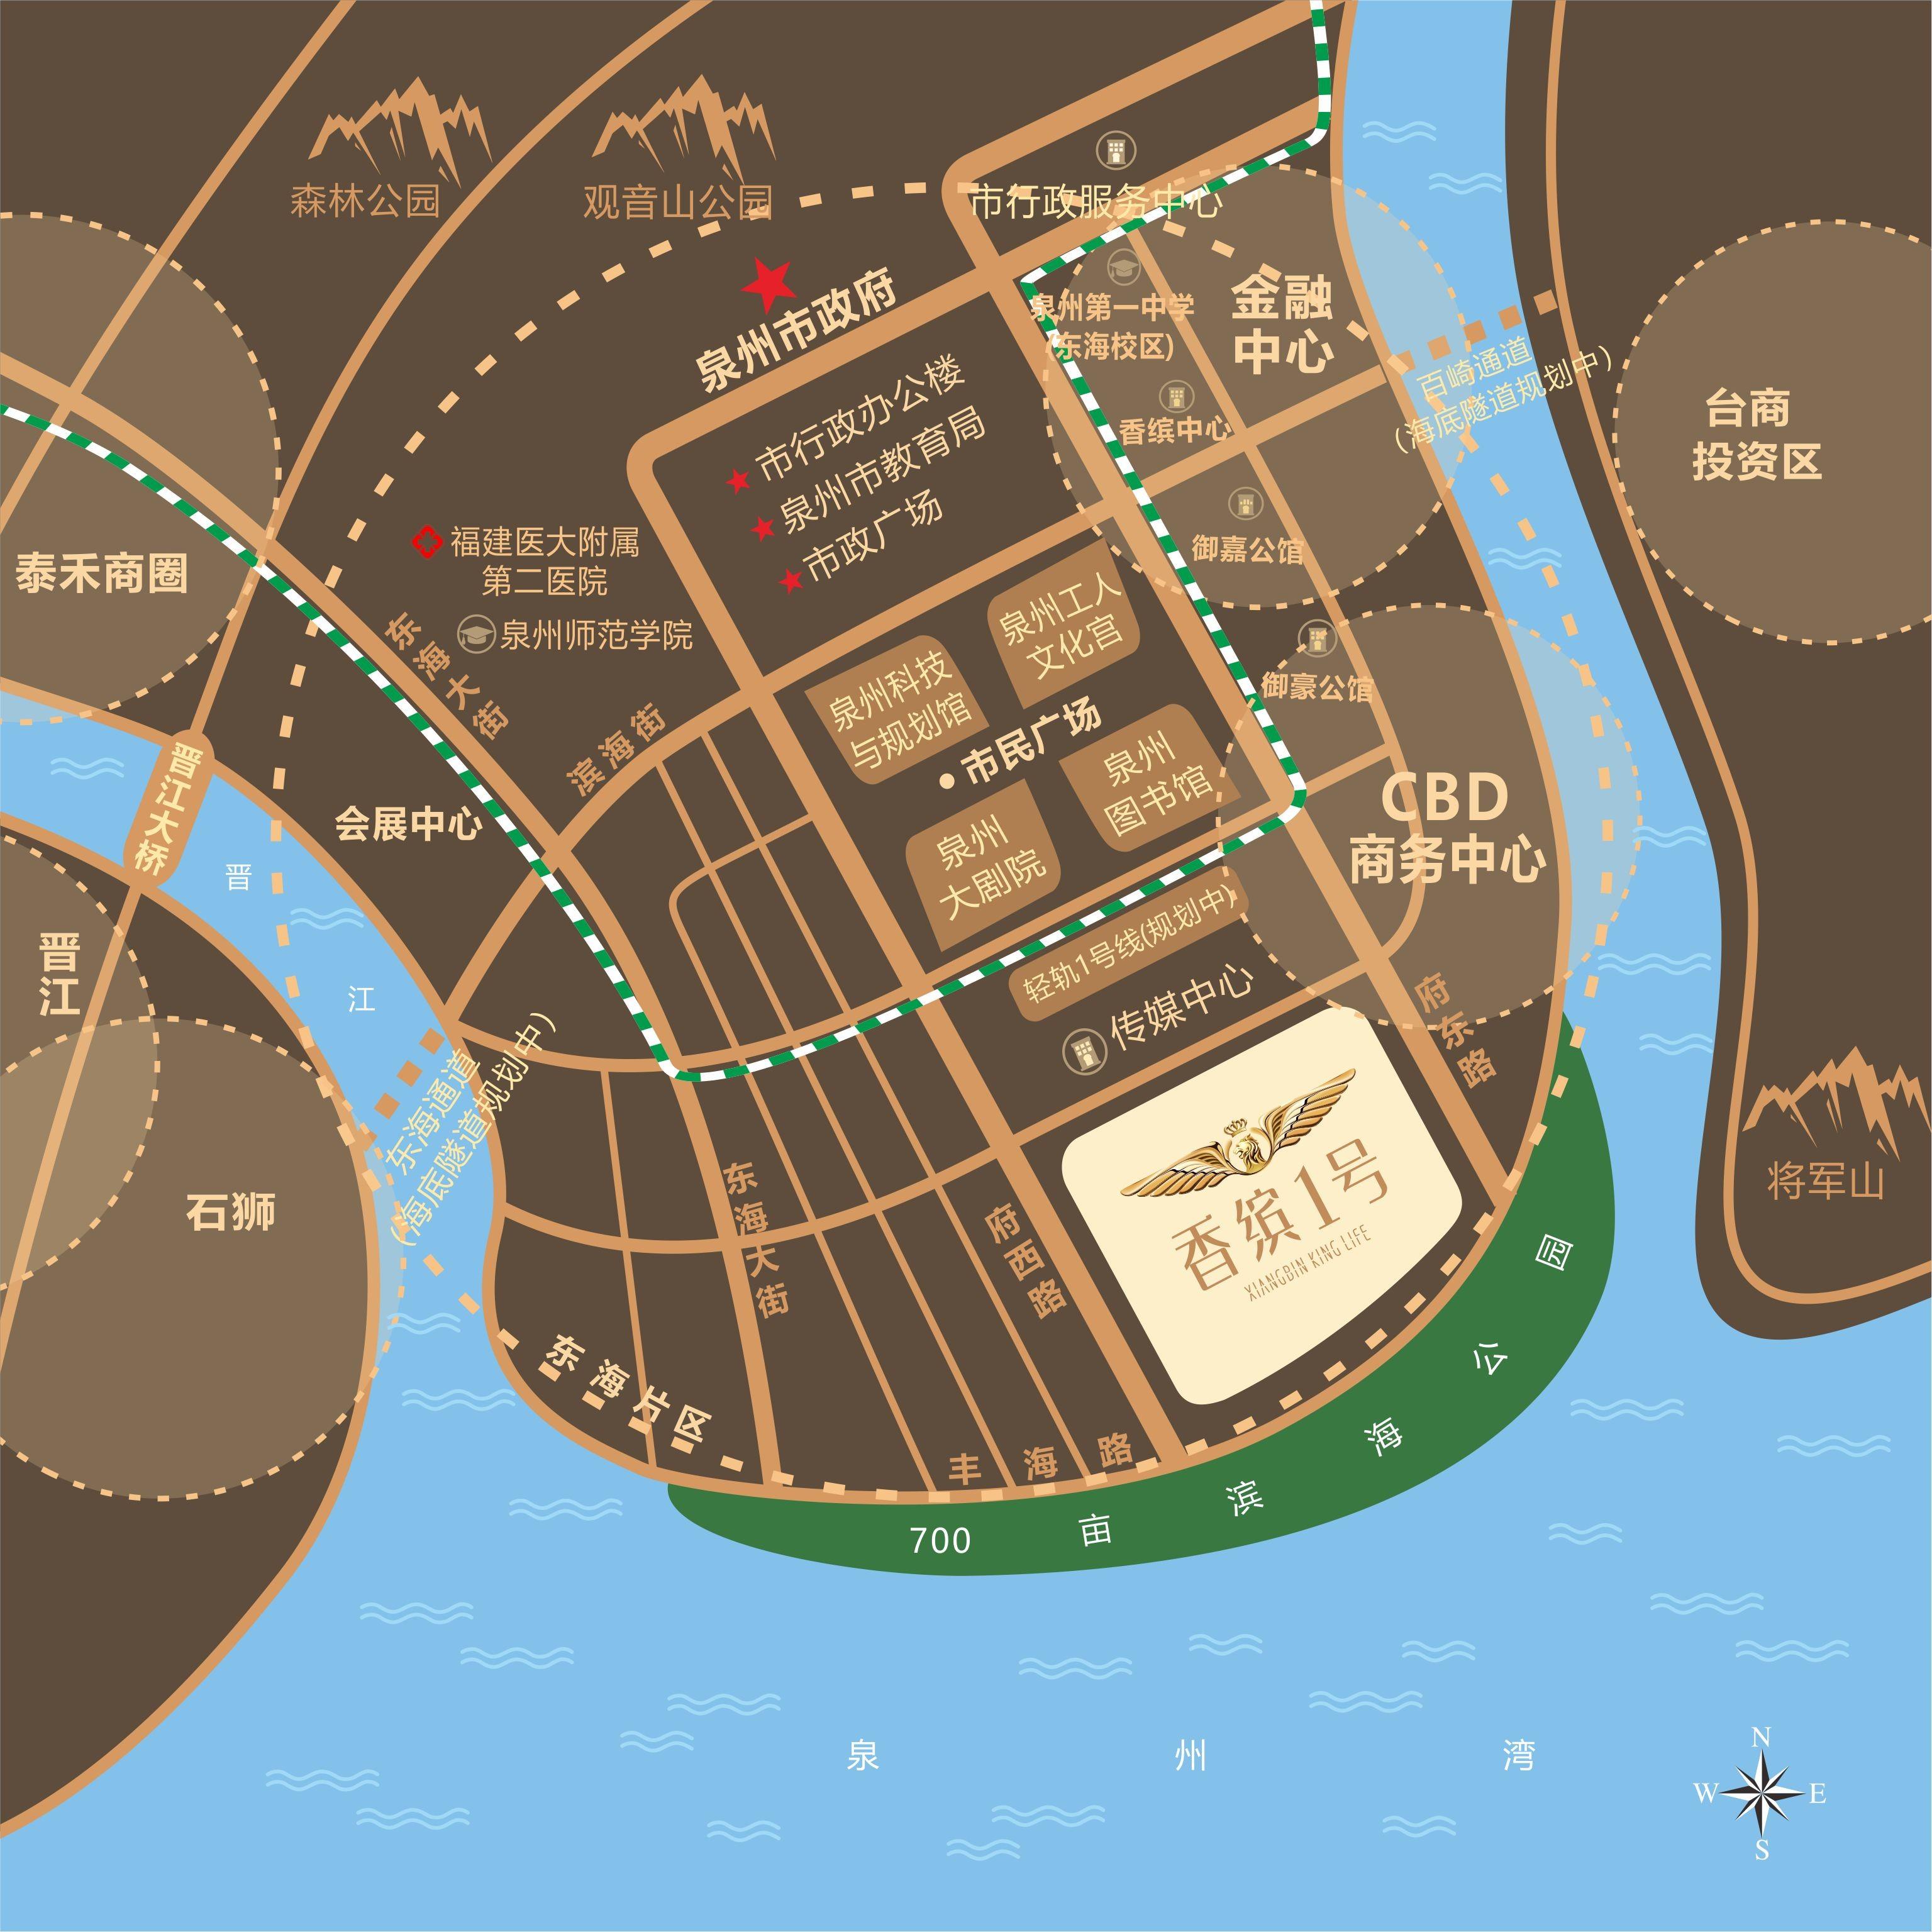 香缤1号位置图